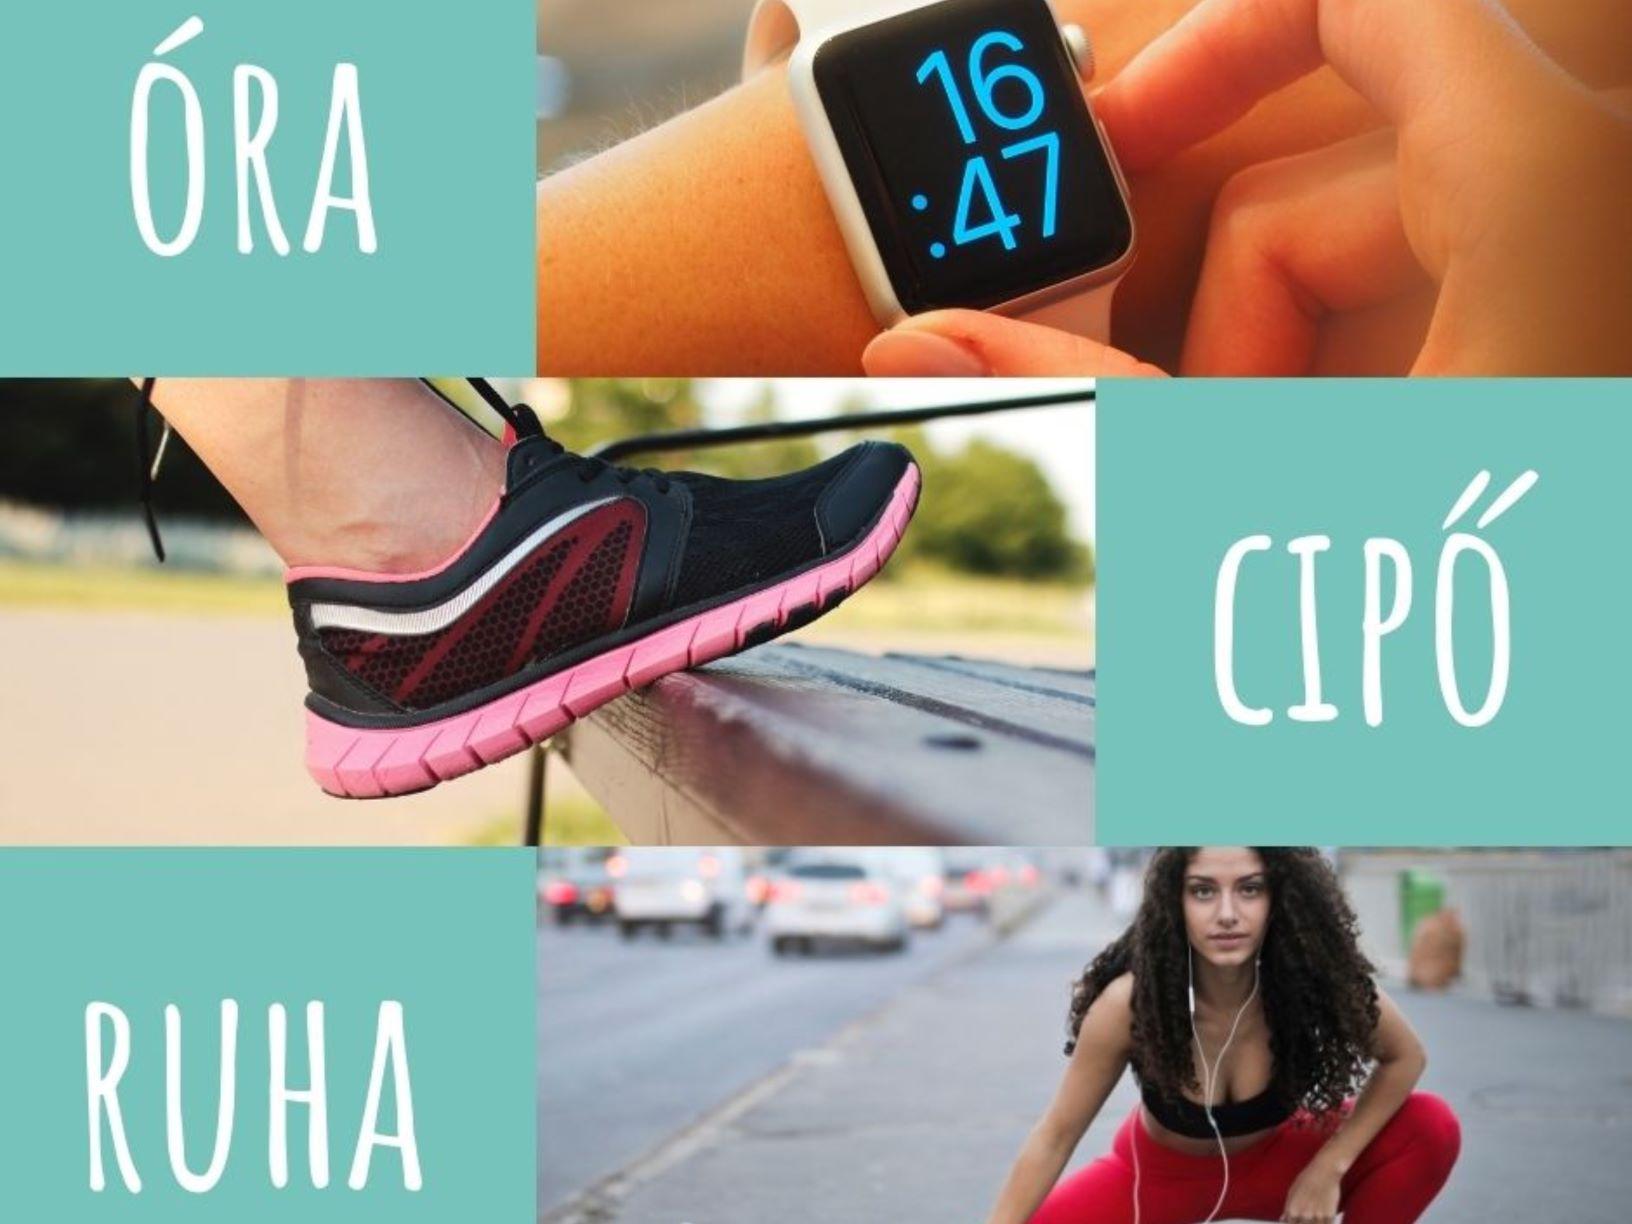 ora_cipo_ruha_blogkep.jpg